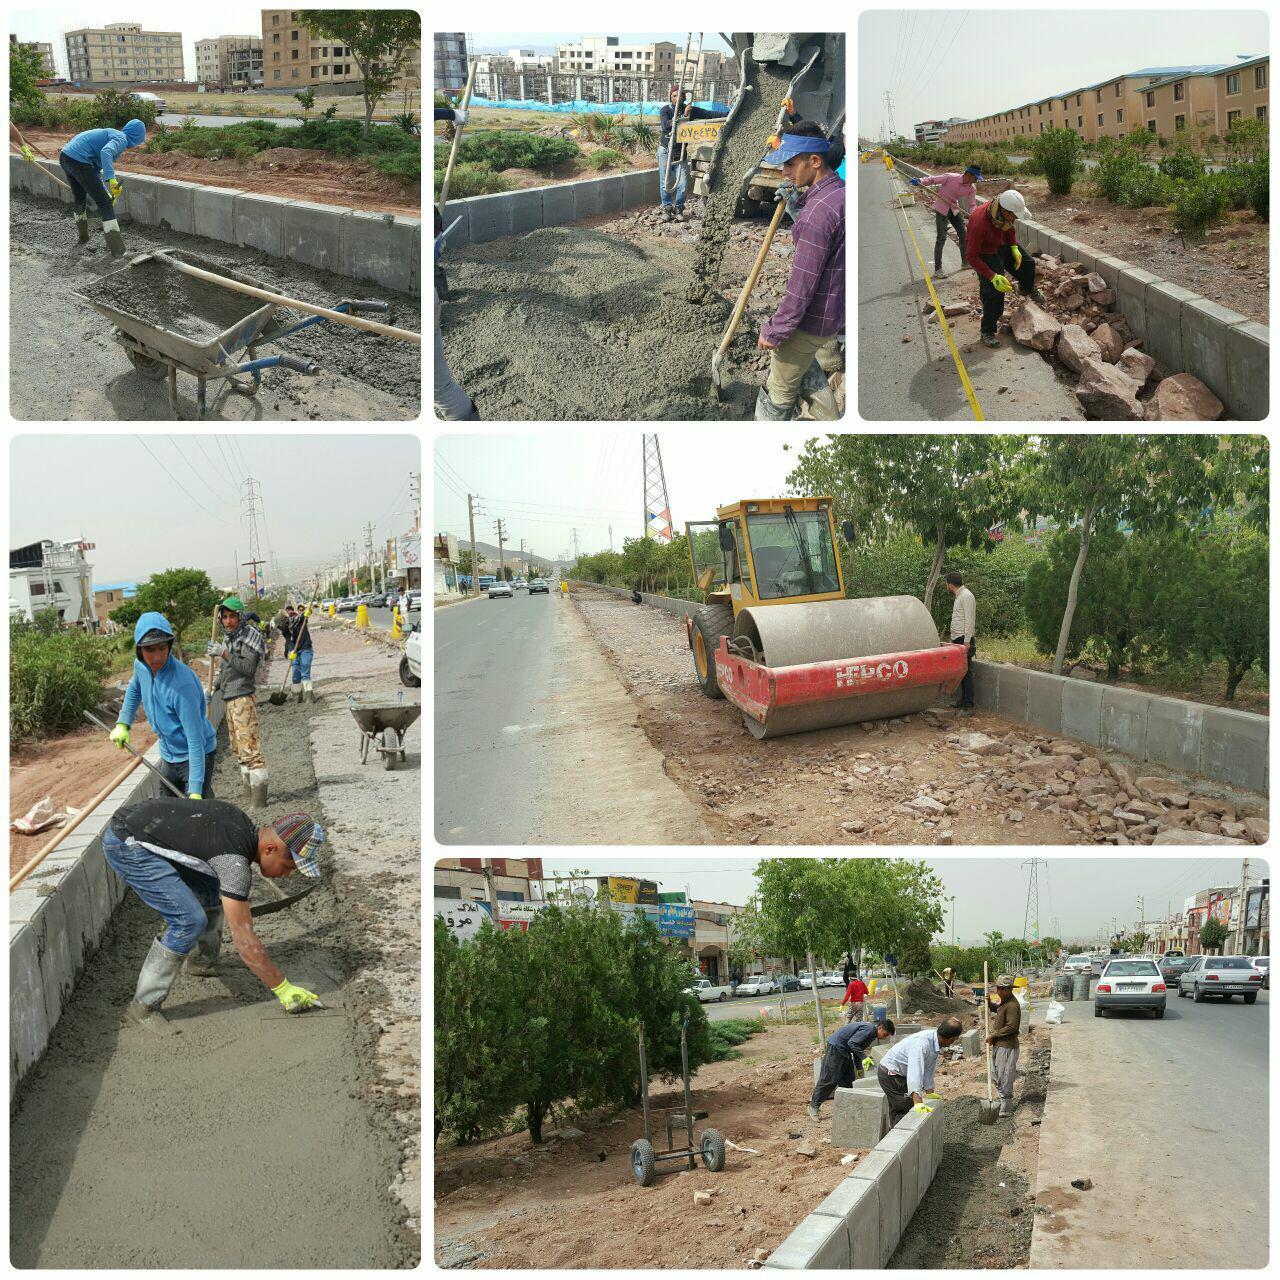 آغاز عملیات بتن ریزی و زیرسازی در پروژه اصلاح هندسی بلوار امام خمینی (ره)